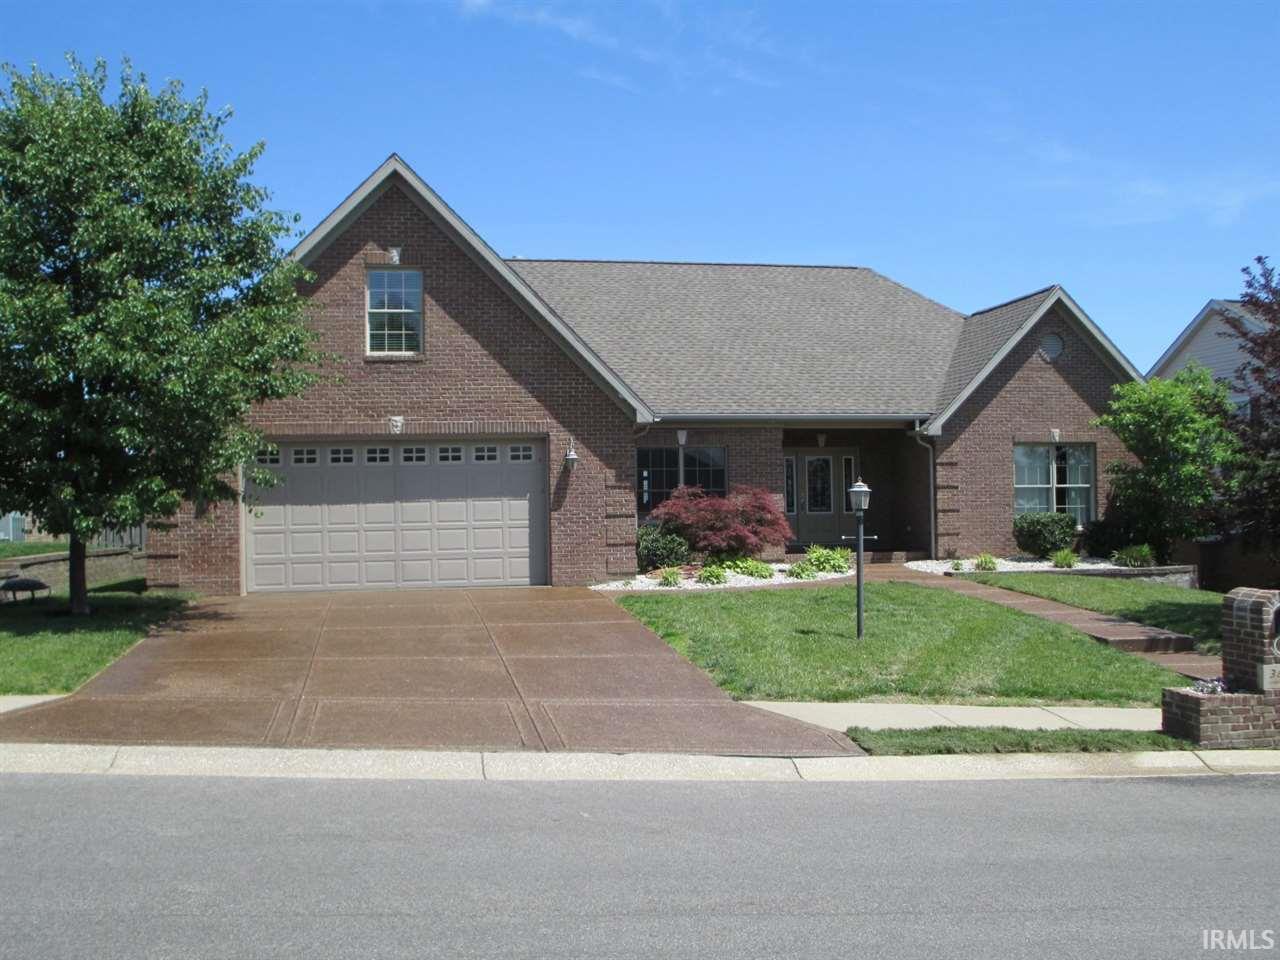 3626 Cobblefield, Evansville, IN 47711